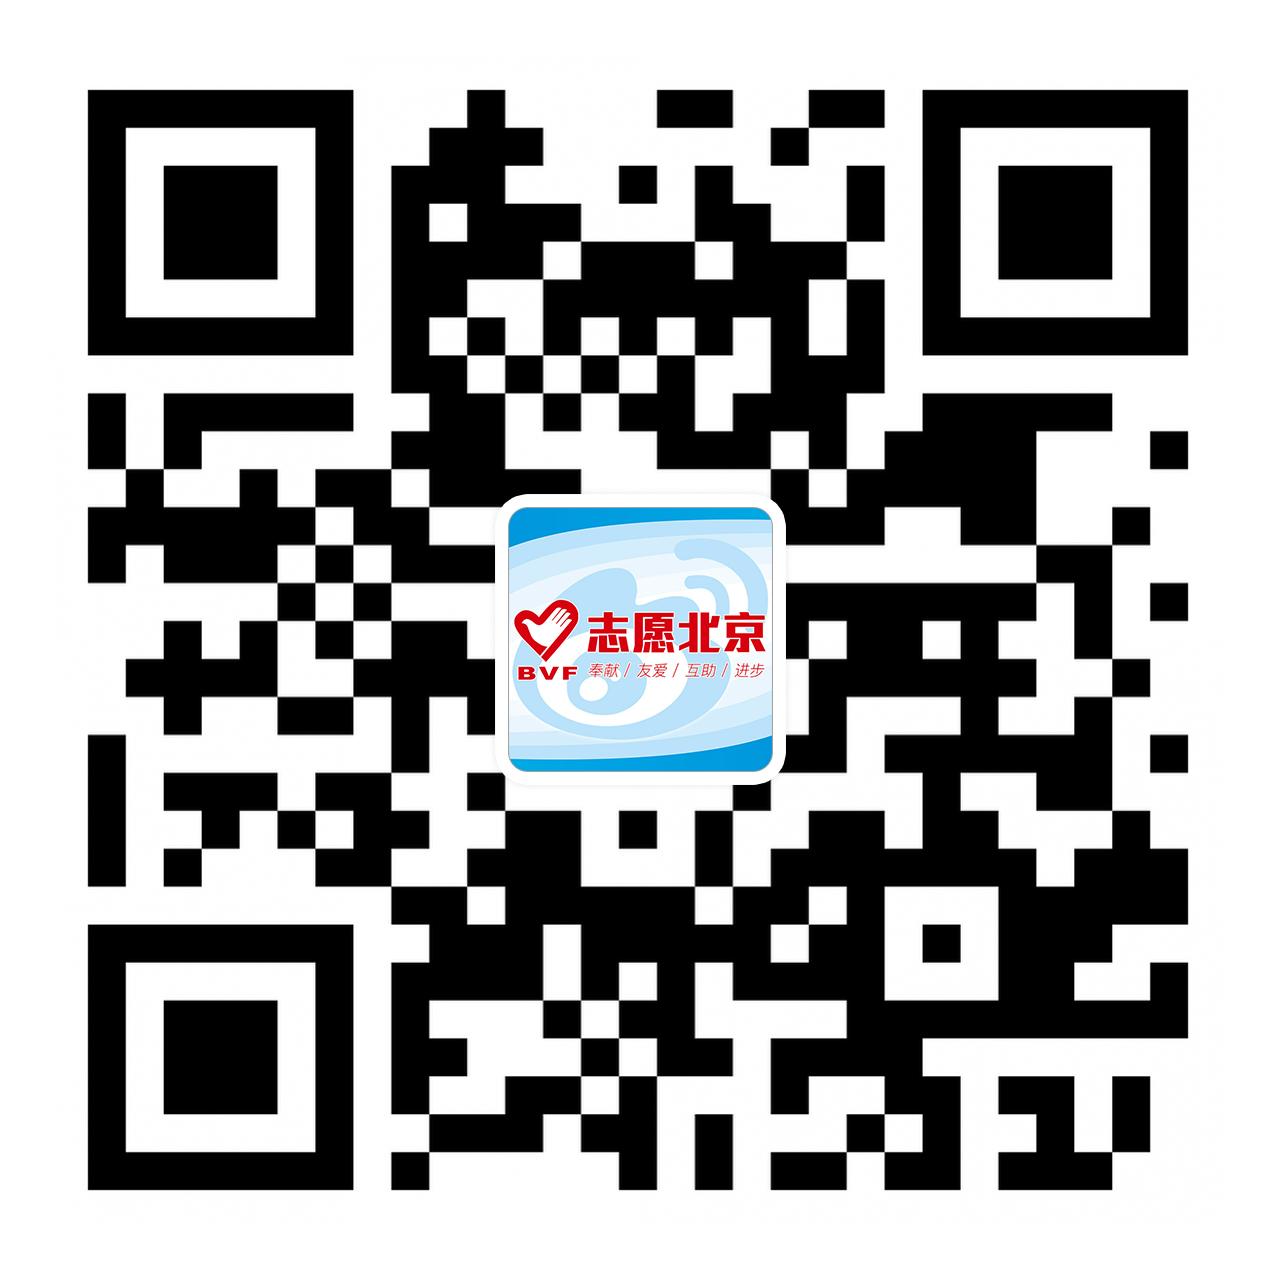 申博_北京朝阳区志愿者联盟微博二维码